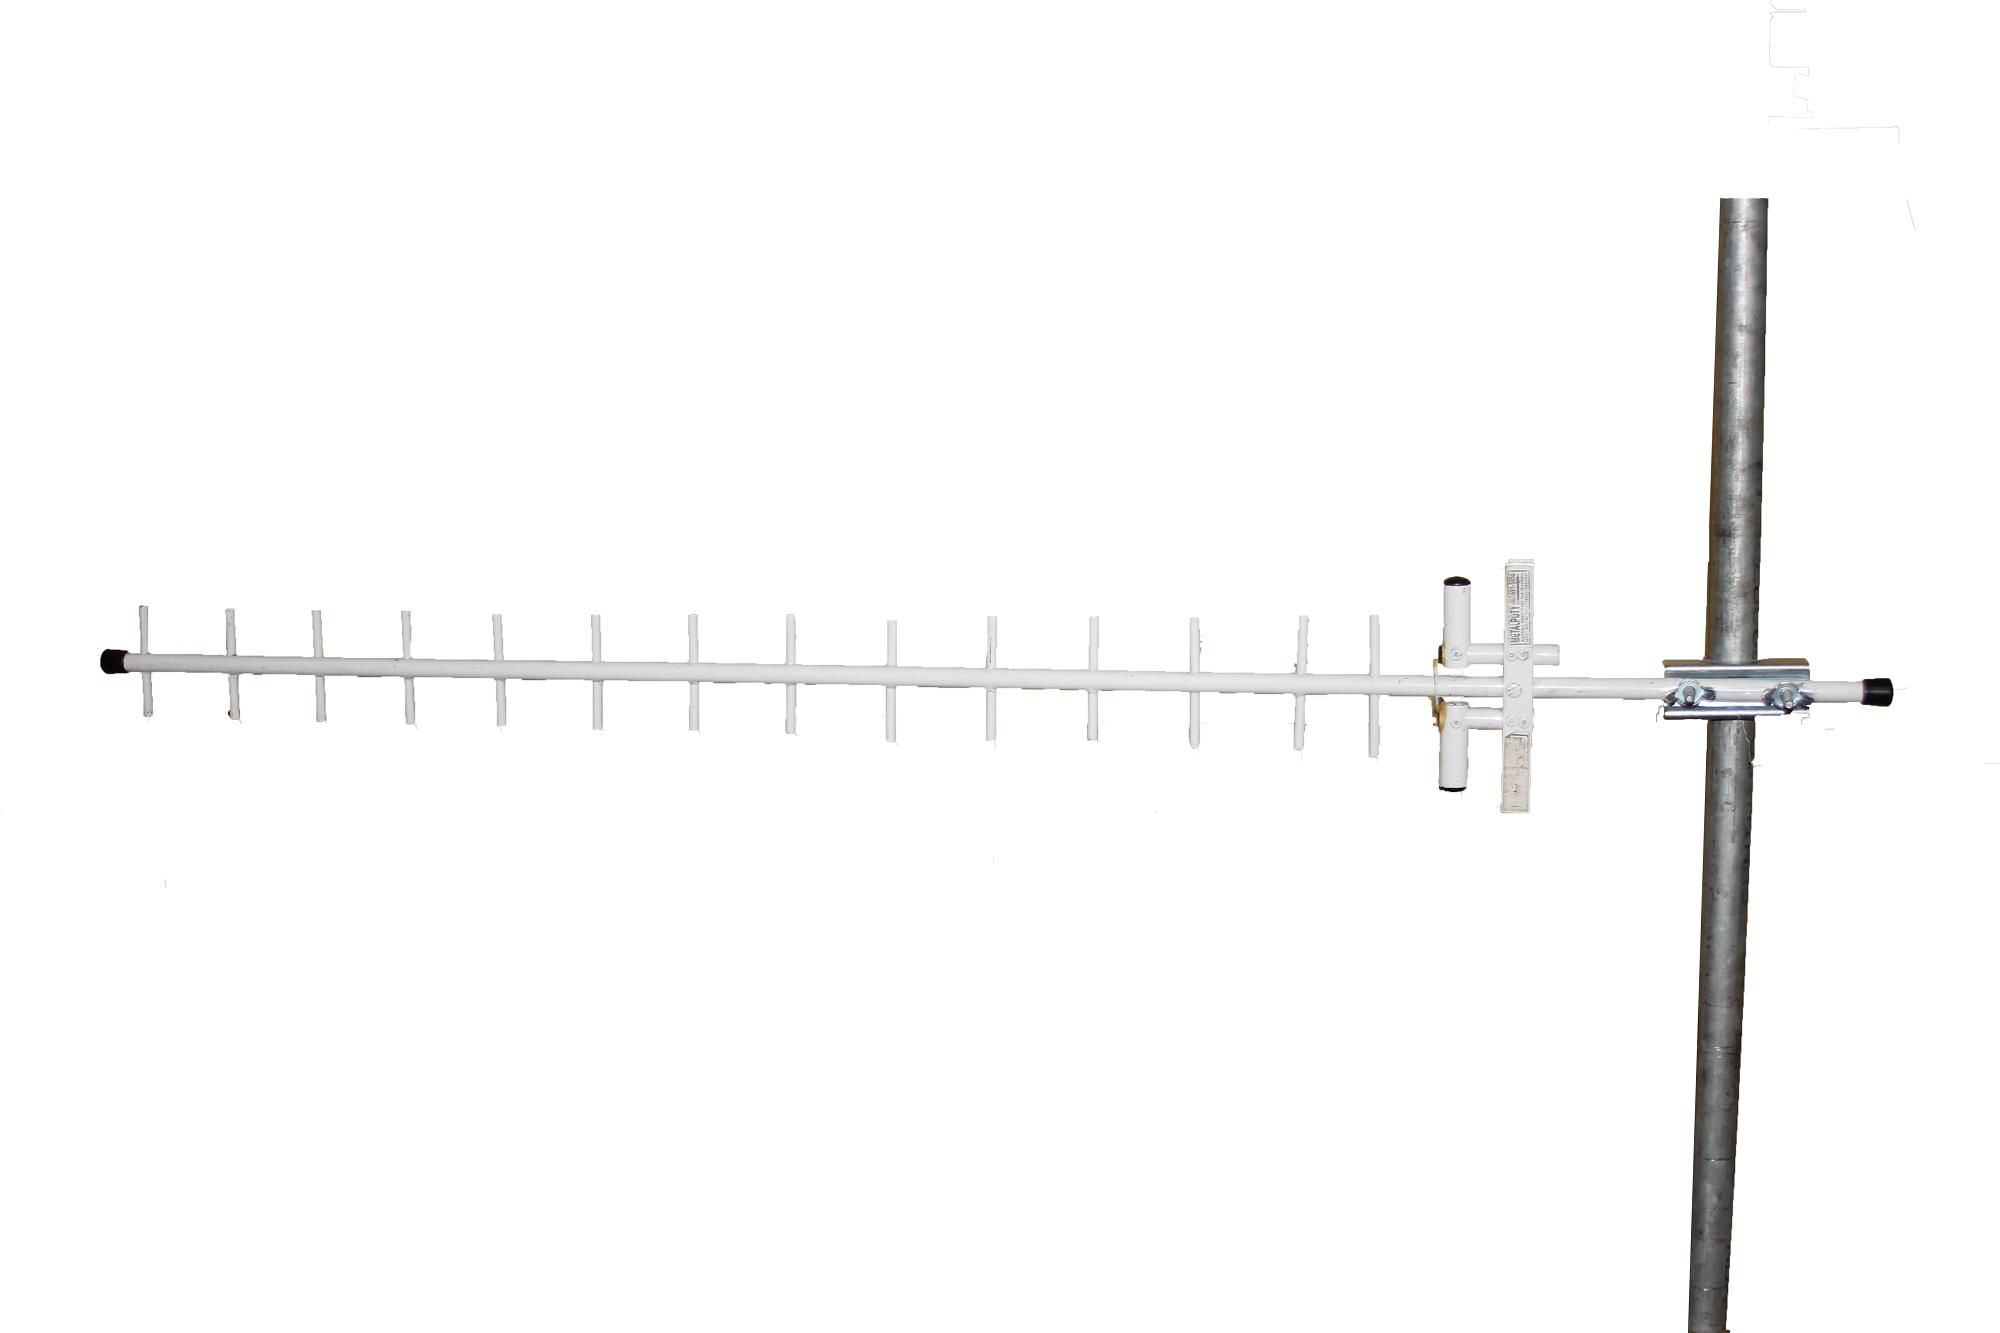 10 Kit de 15 Dbi 1800 a 1900Mhz